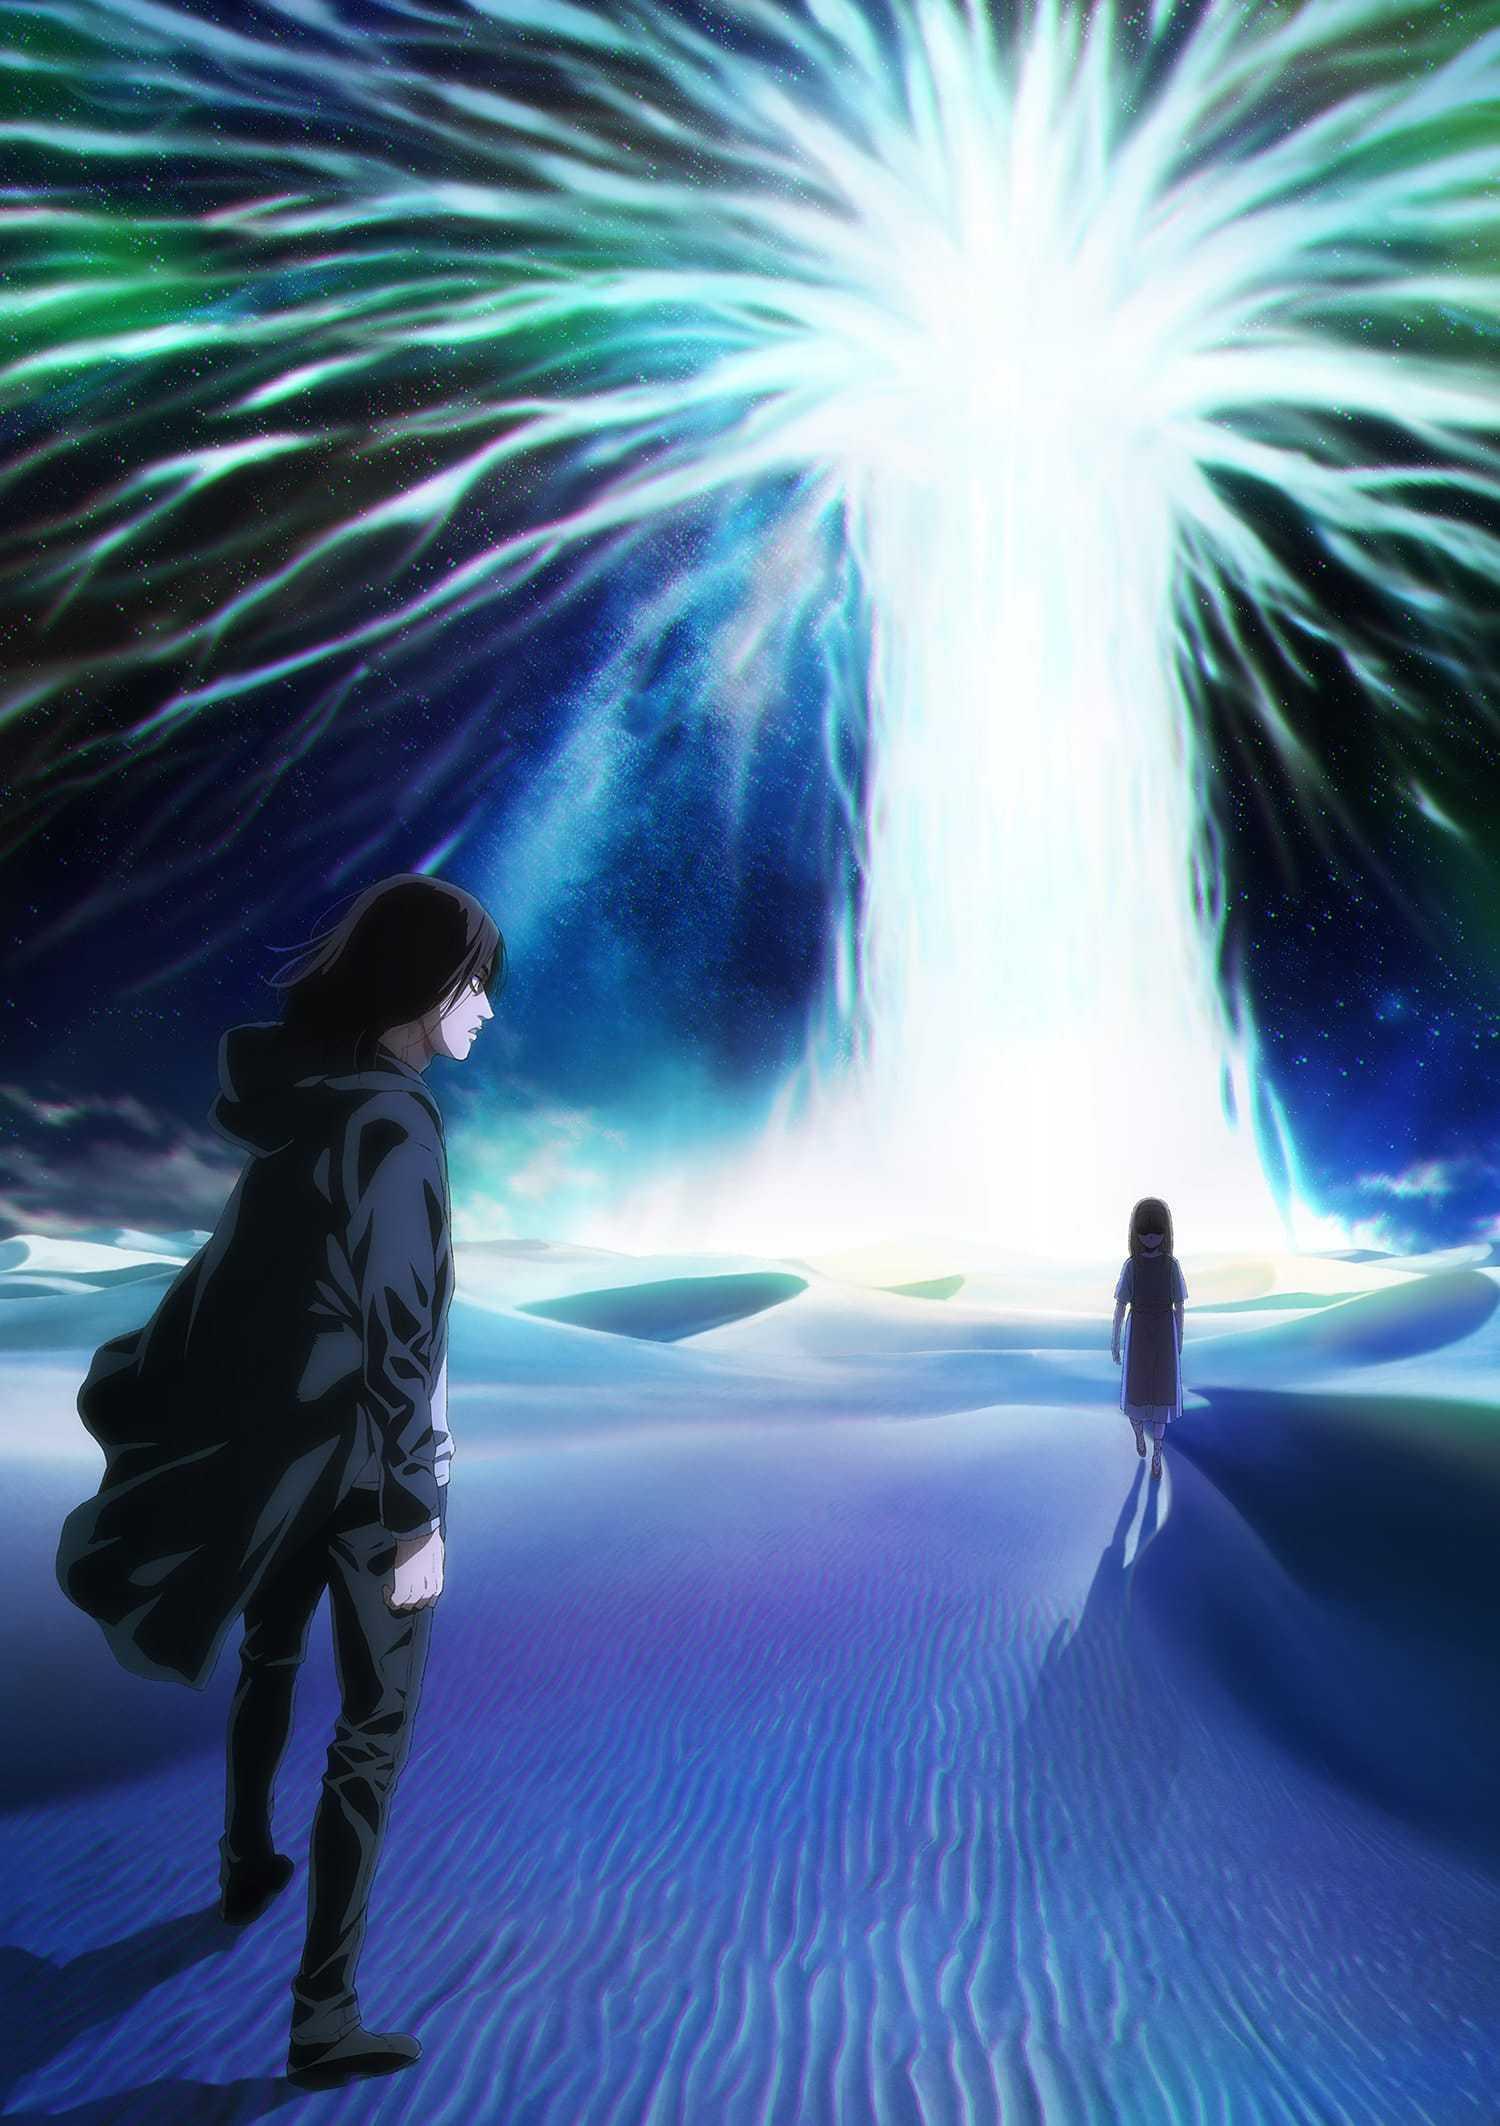 《进击的巨人》官推宣布:最终季Part.2 将于2022年1月播出!-Anime漫趣社